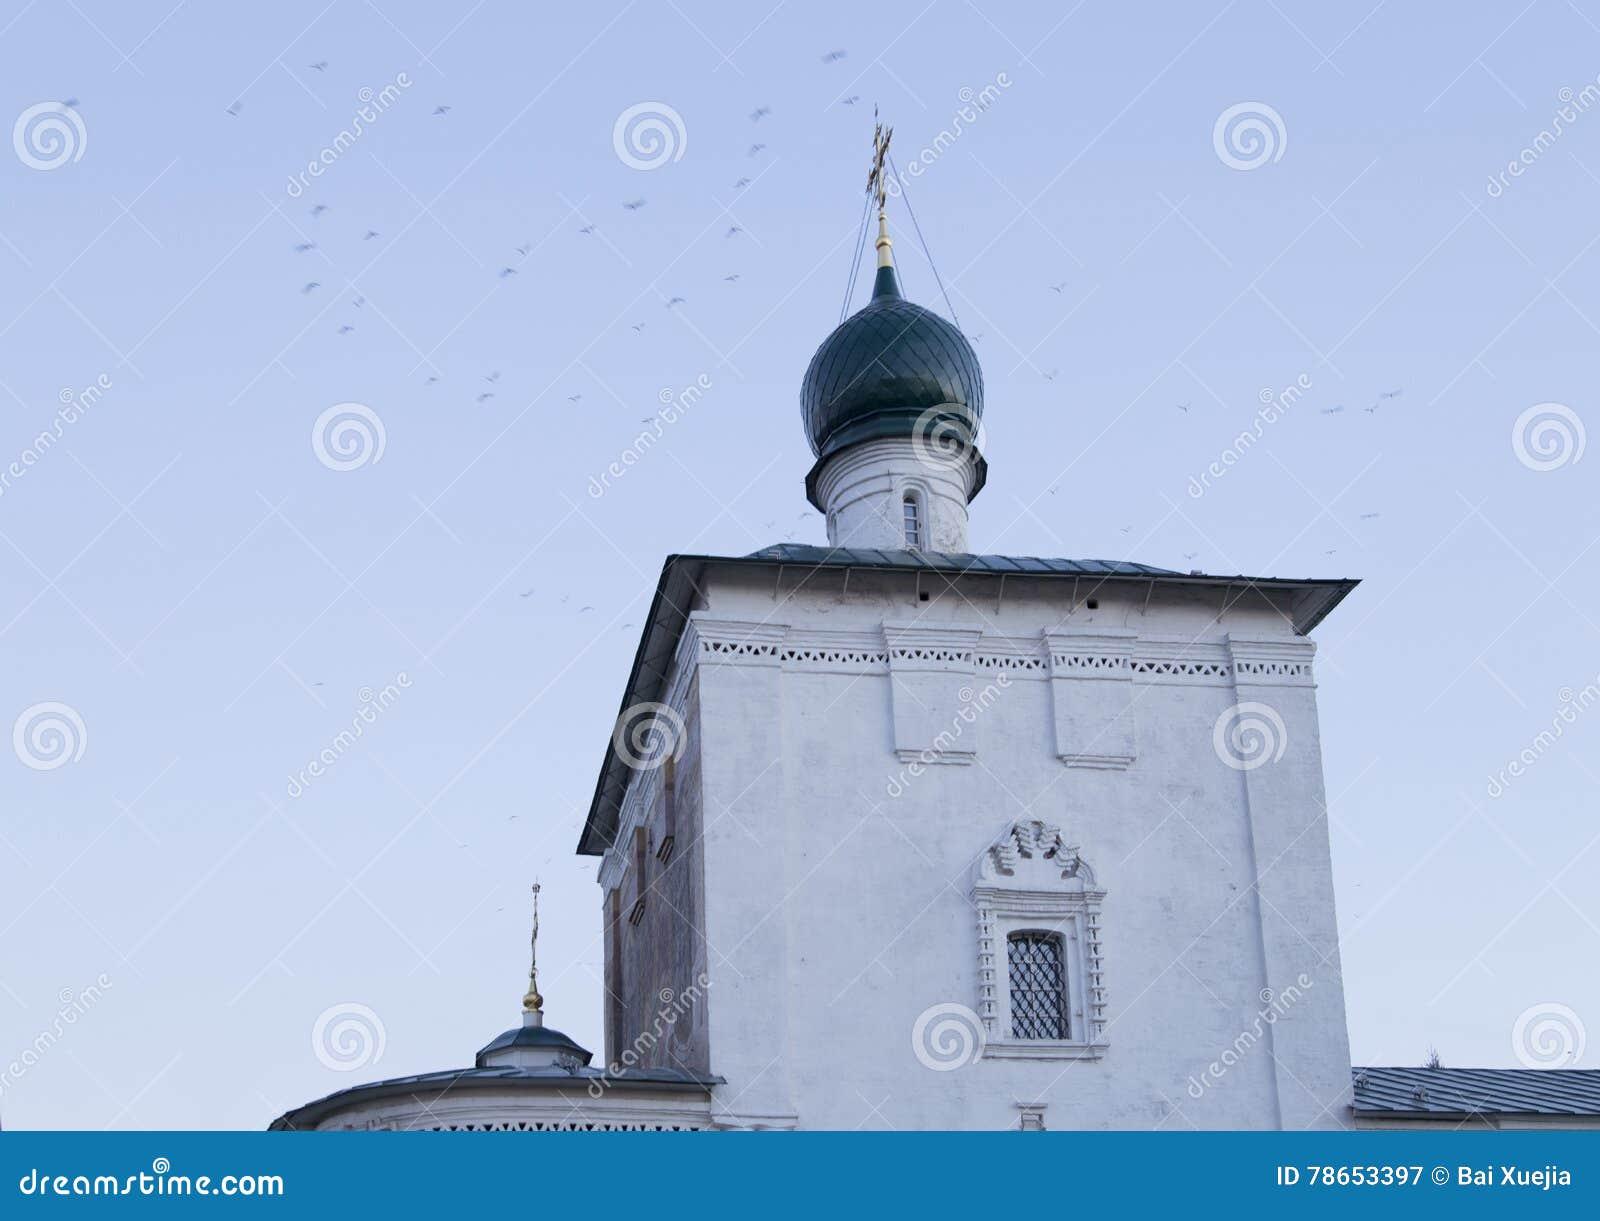 Καθεδρικός ναός Χριστού ο λυτρωτής στο Ιρκούτσκ, Ρωσική Ομοσπονδία